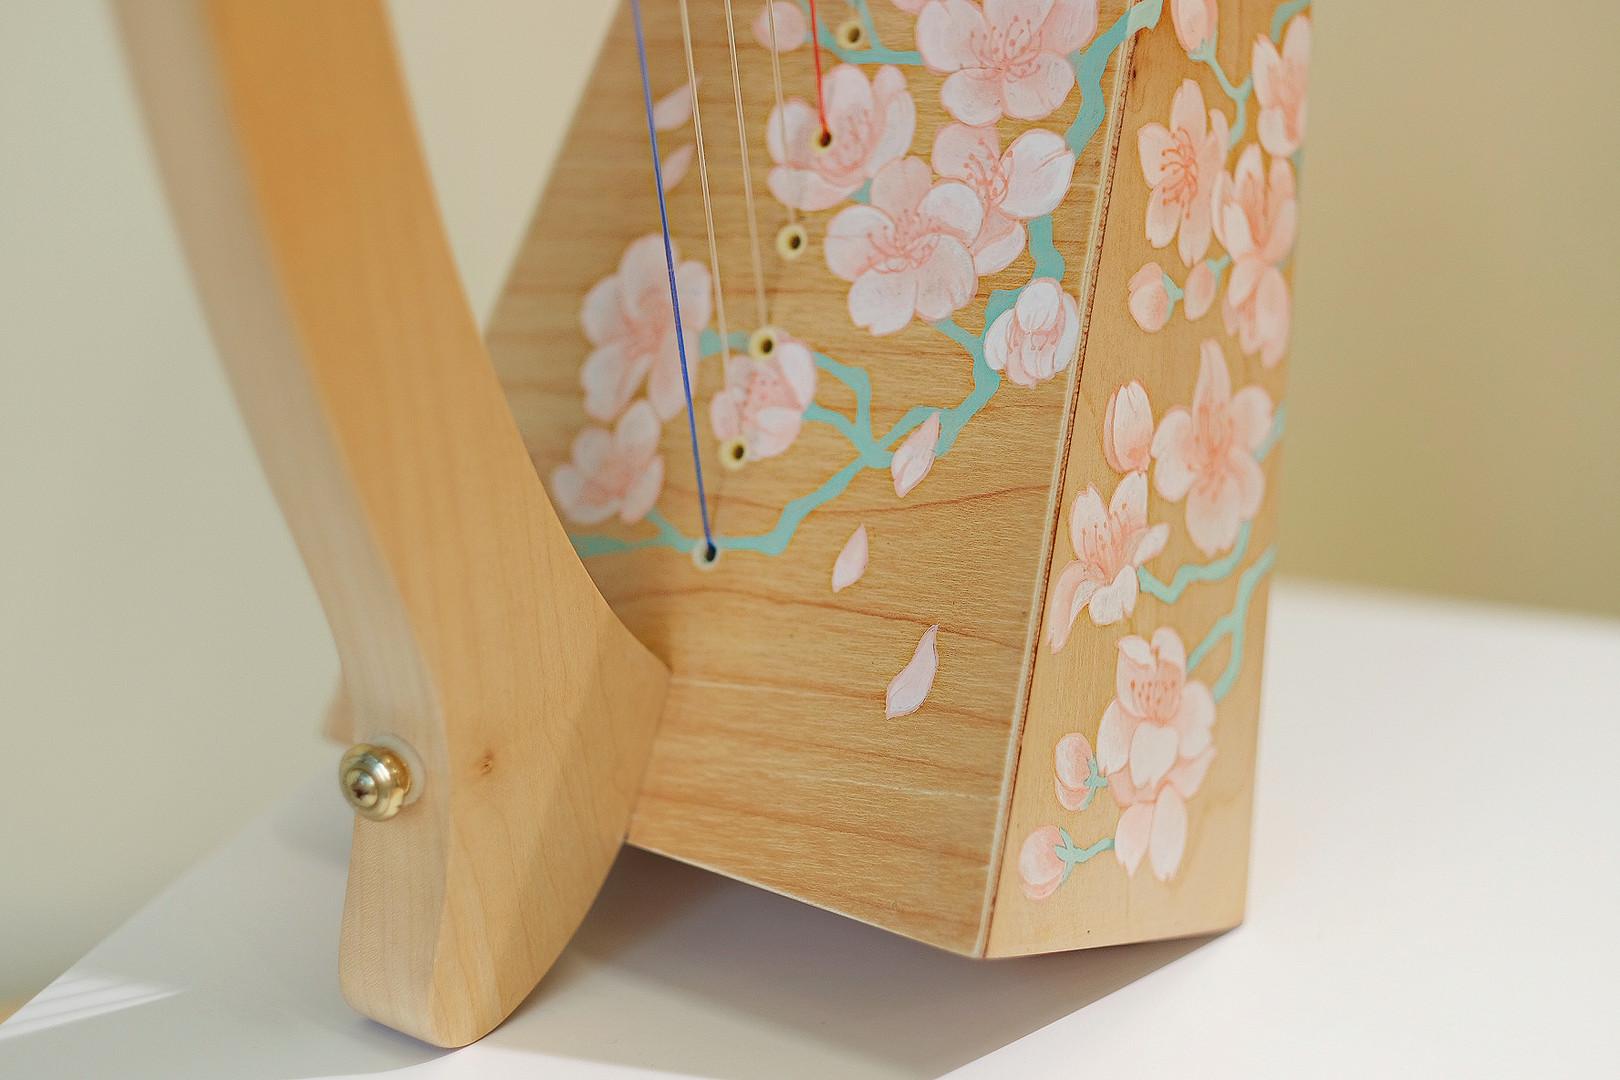 Sakura blossom, traditional